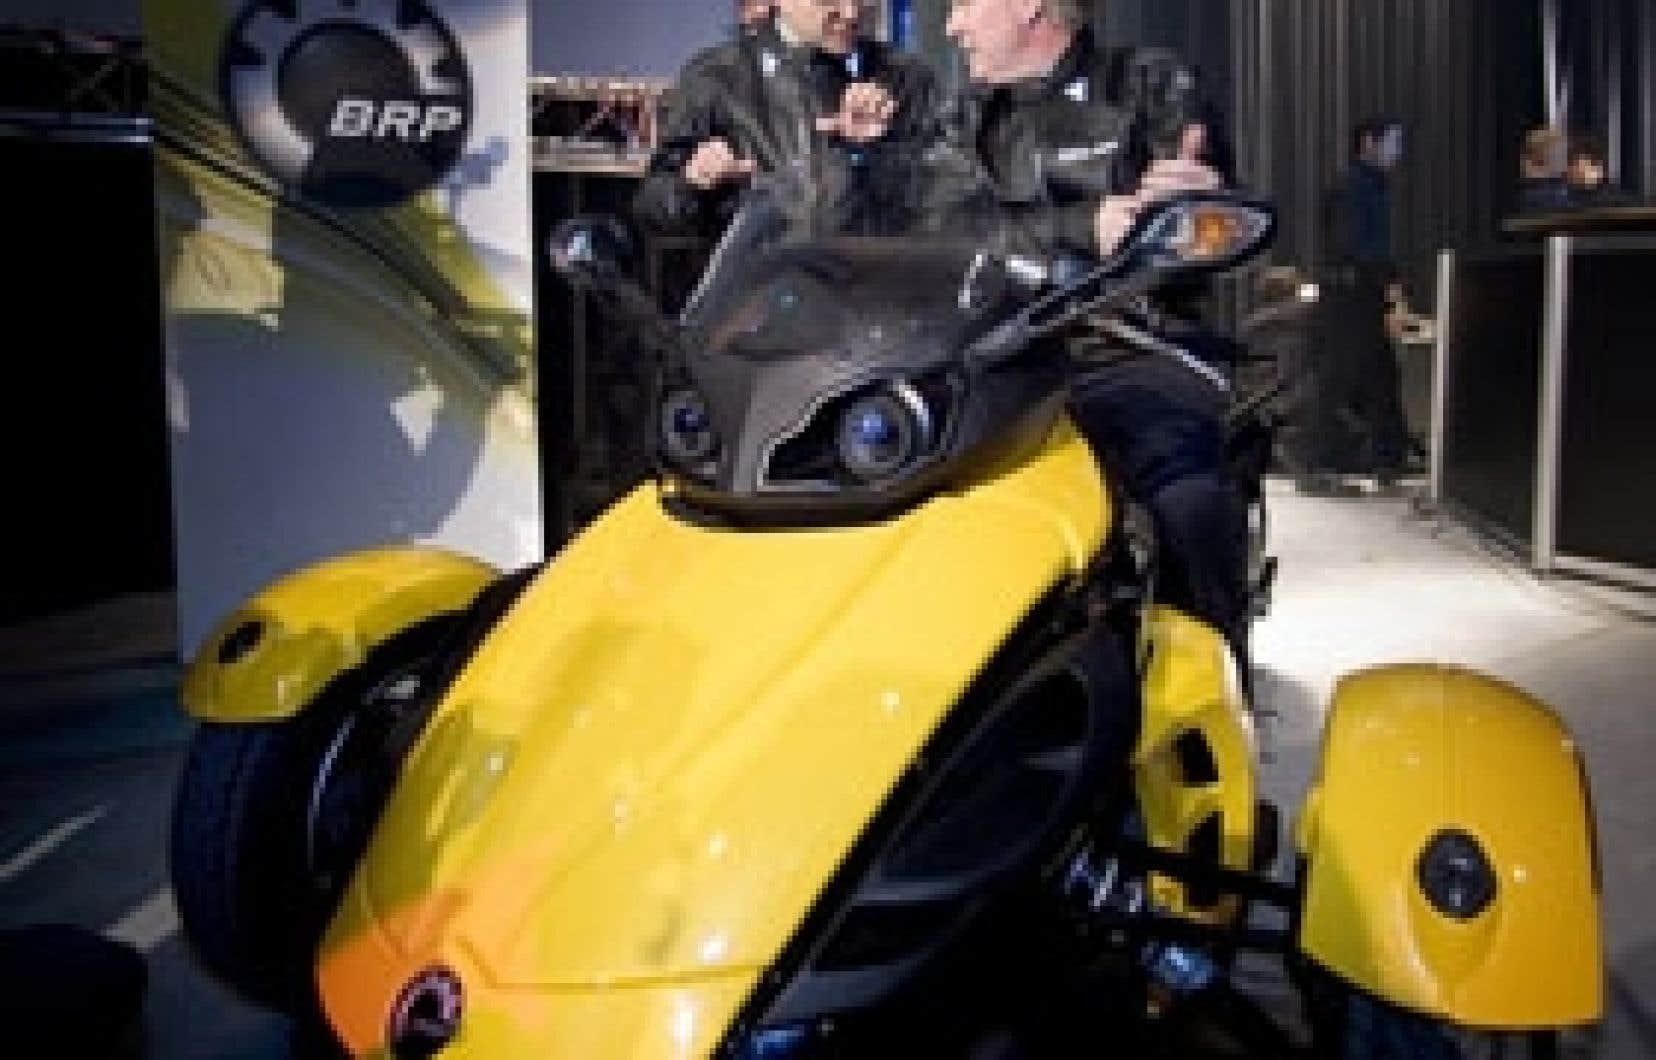 Le premier ministre du Québec, Jean Charest, était présent lors du dévoilement du nouveau véhicule de Bombardier Produits récréatifs. Il en a profité pour annoncer une contribution financière remboursable de 17,8 millions au développement du Sp